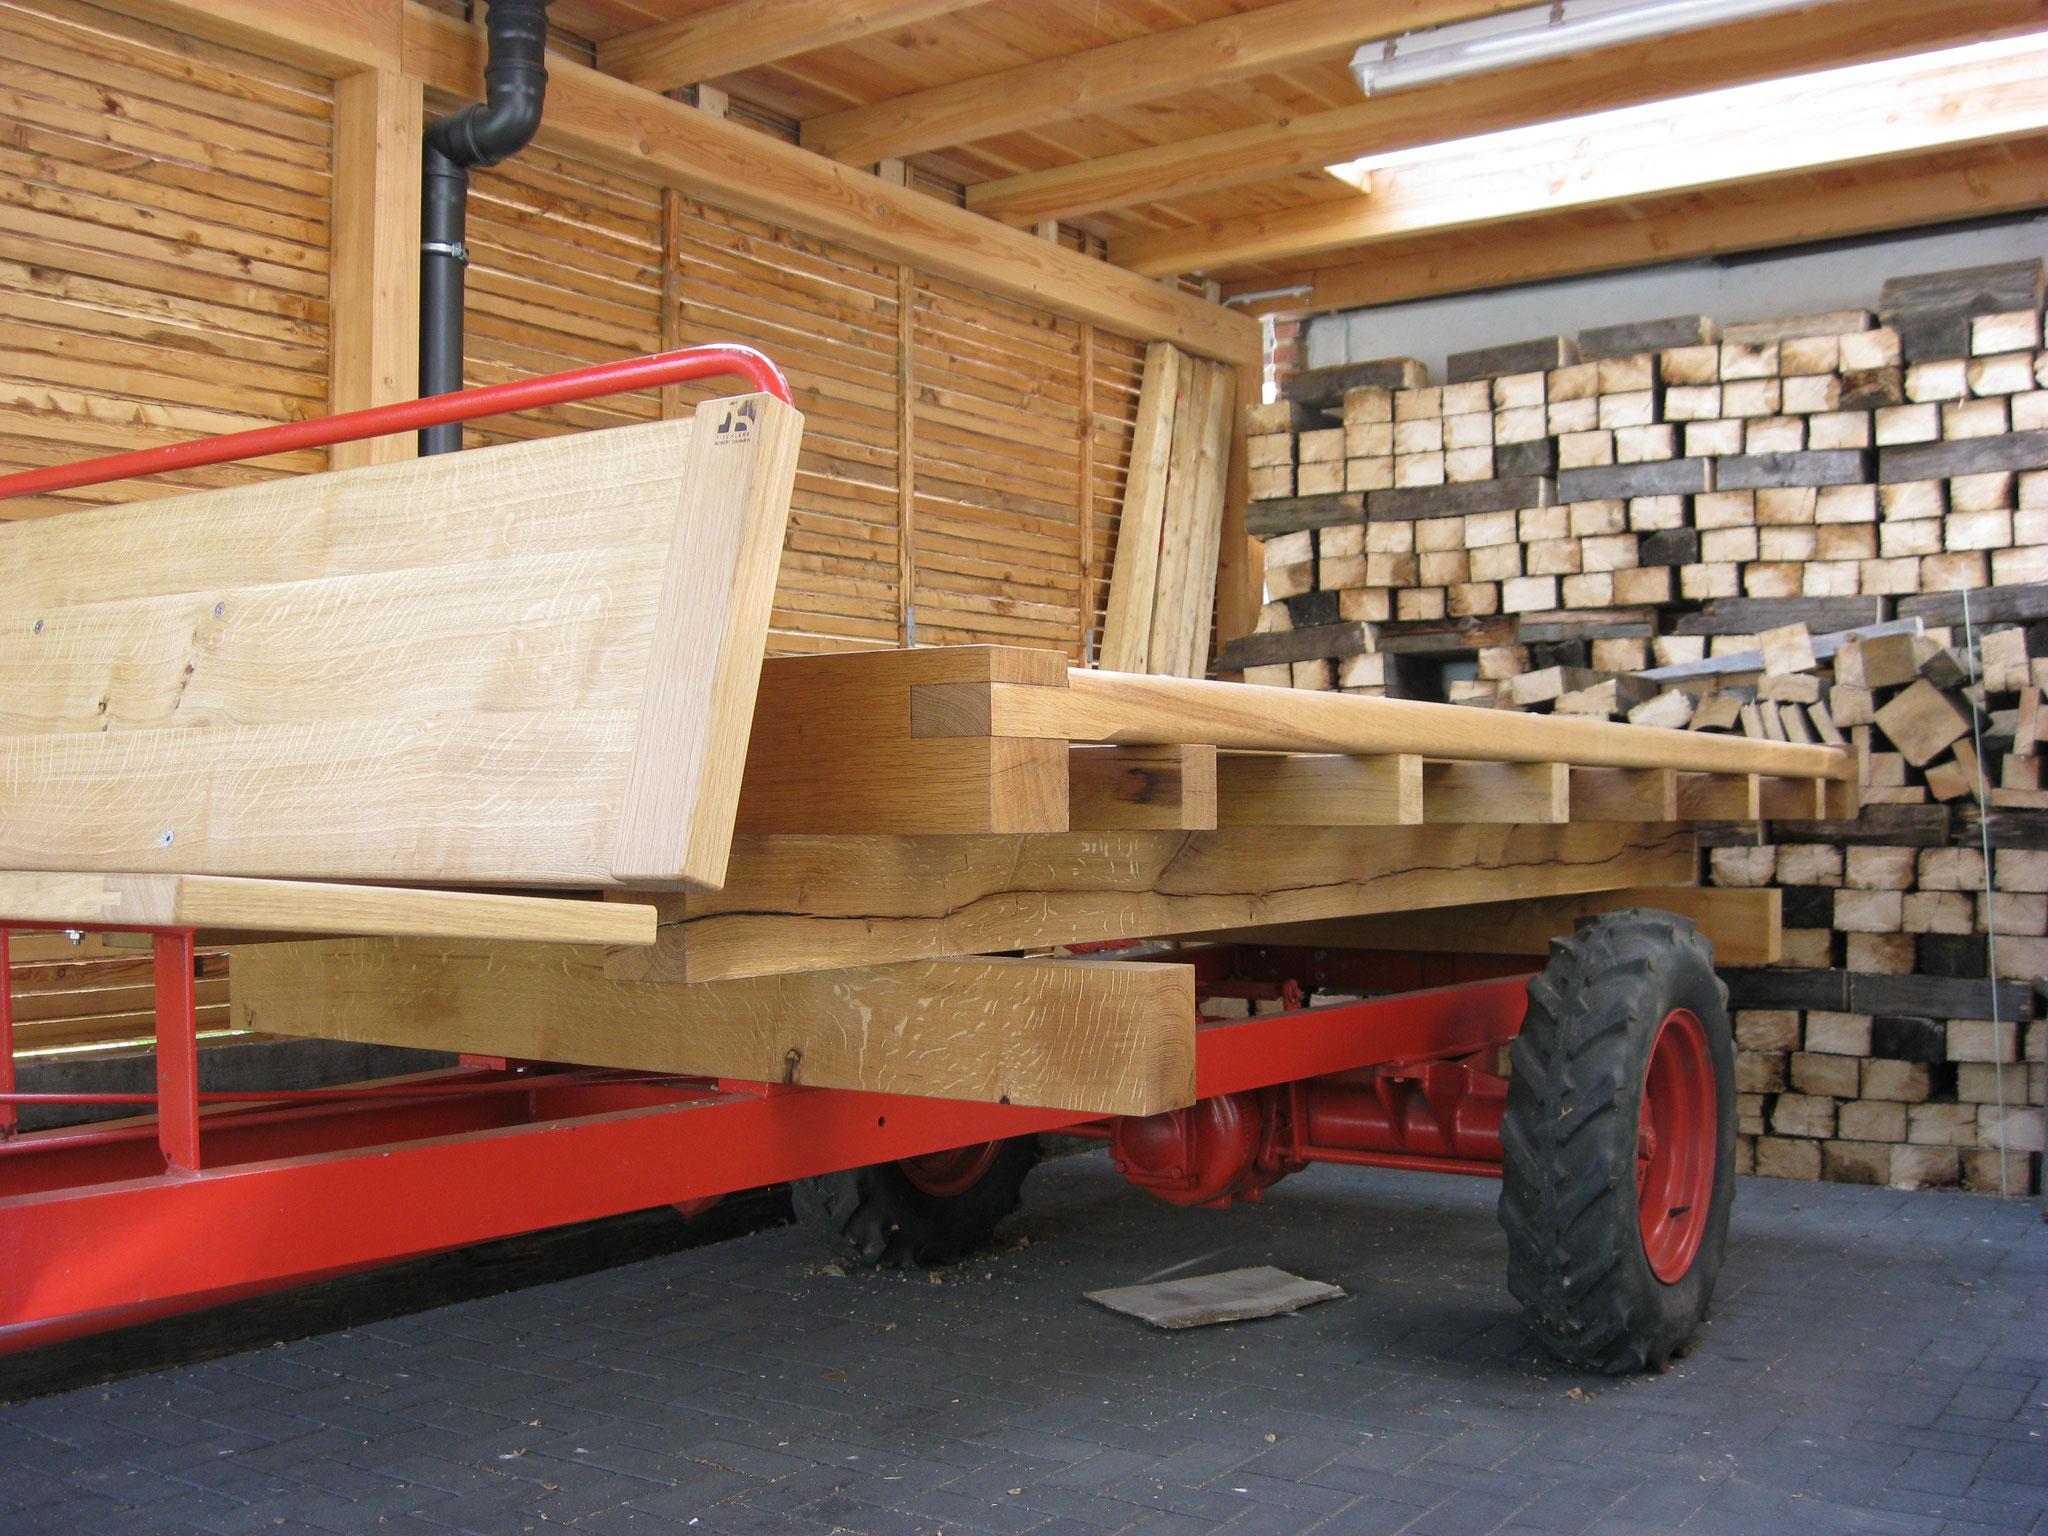 Anhänger mit Holzauflieger